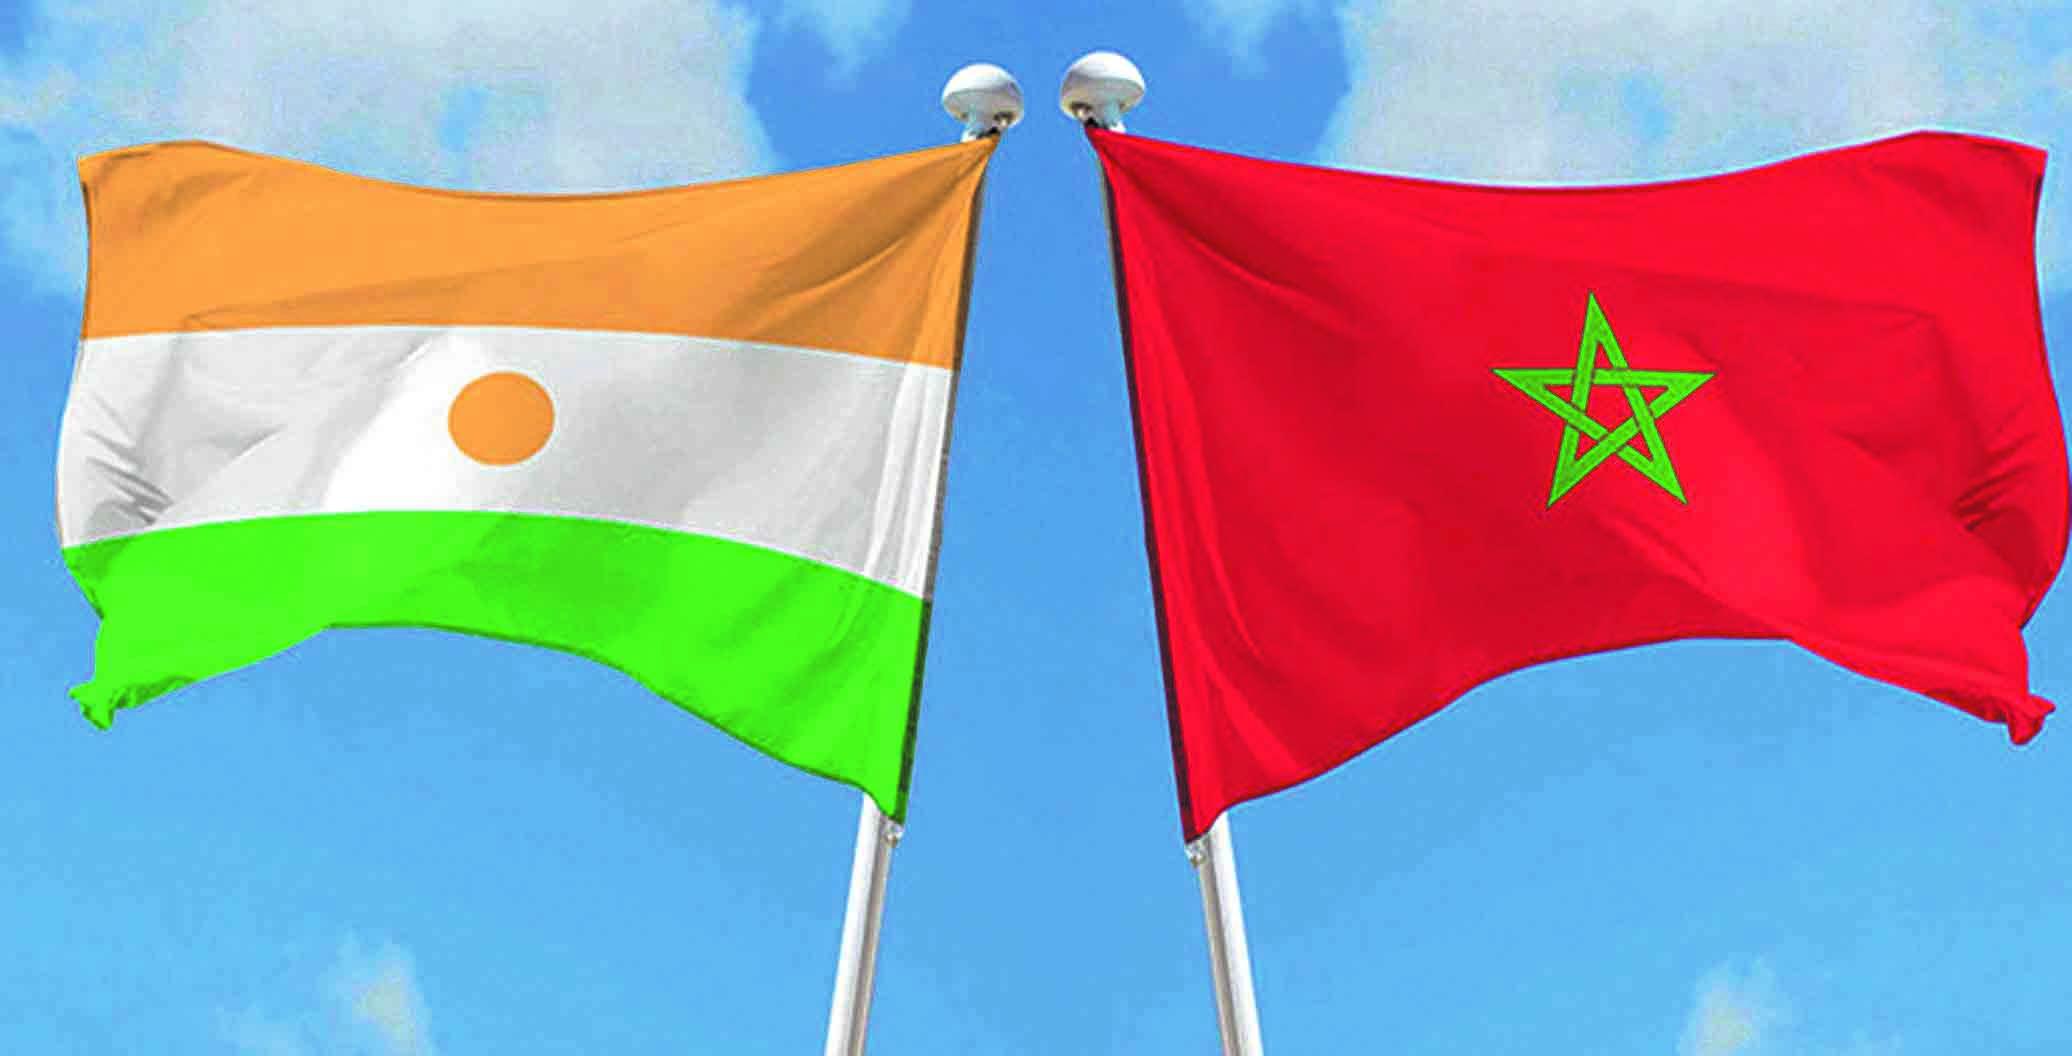 Une délégation du Conseil économique et social du Niger souligne le rôle du Maroc dans le développement du continent africain